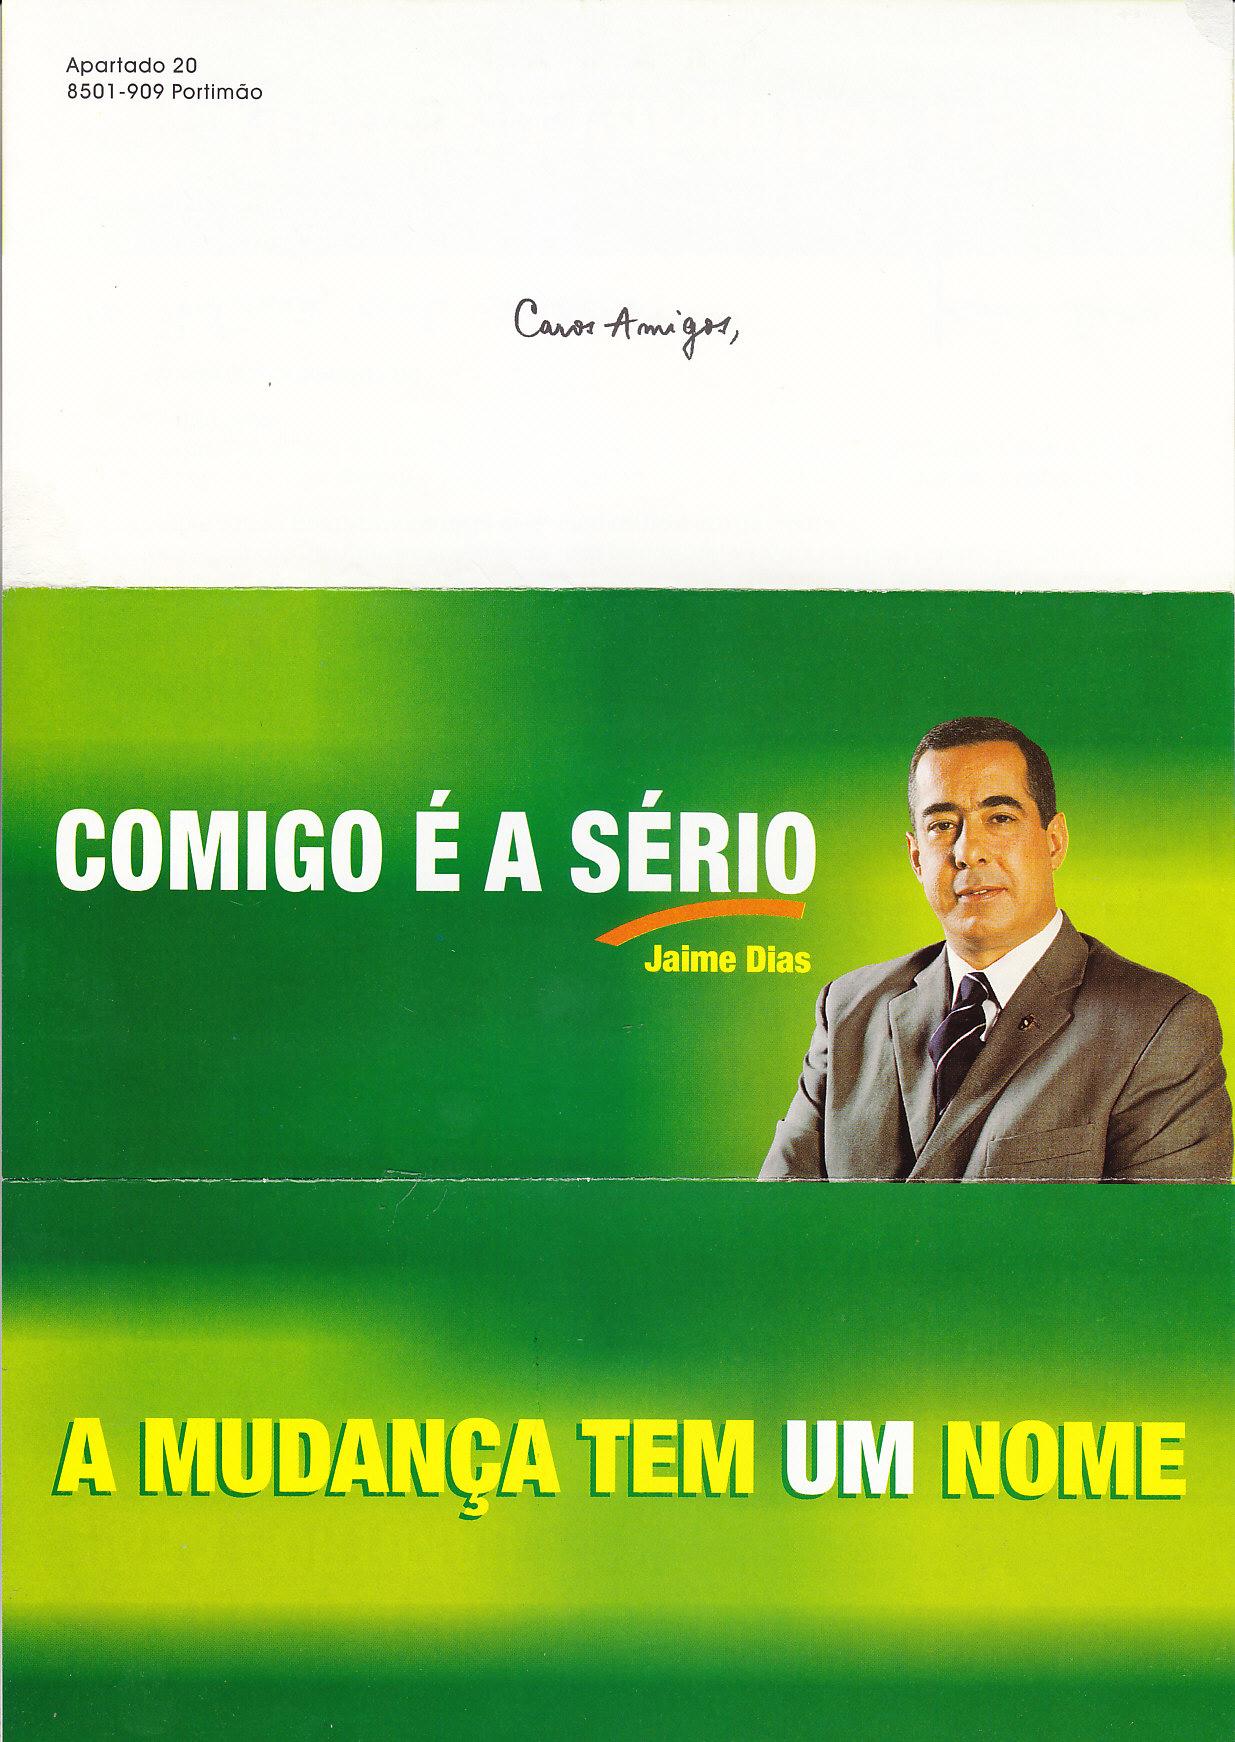 Jaime_Dias_Portimao_2001_0018